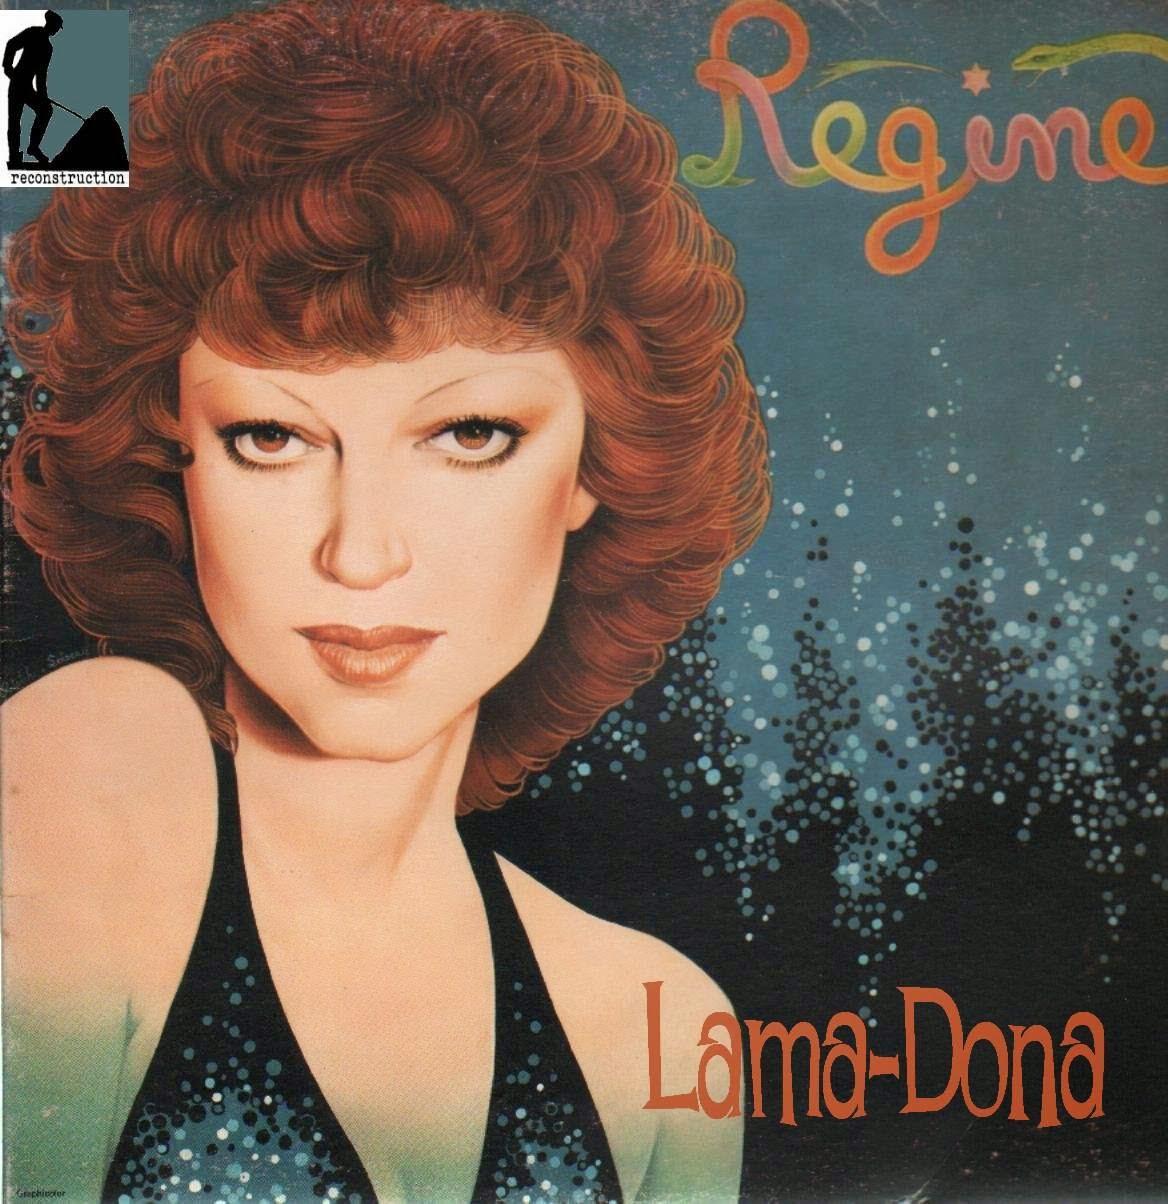 http://ti1ca.com/v2cuovxh-Regine-Lamadona.rar.html